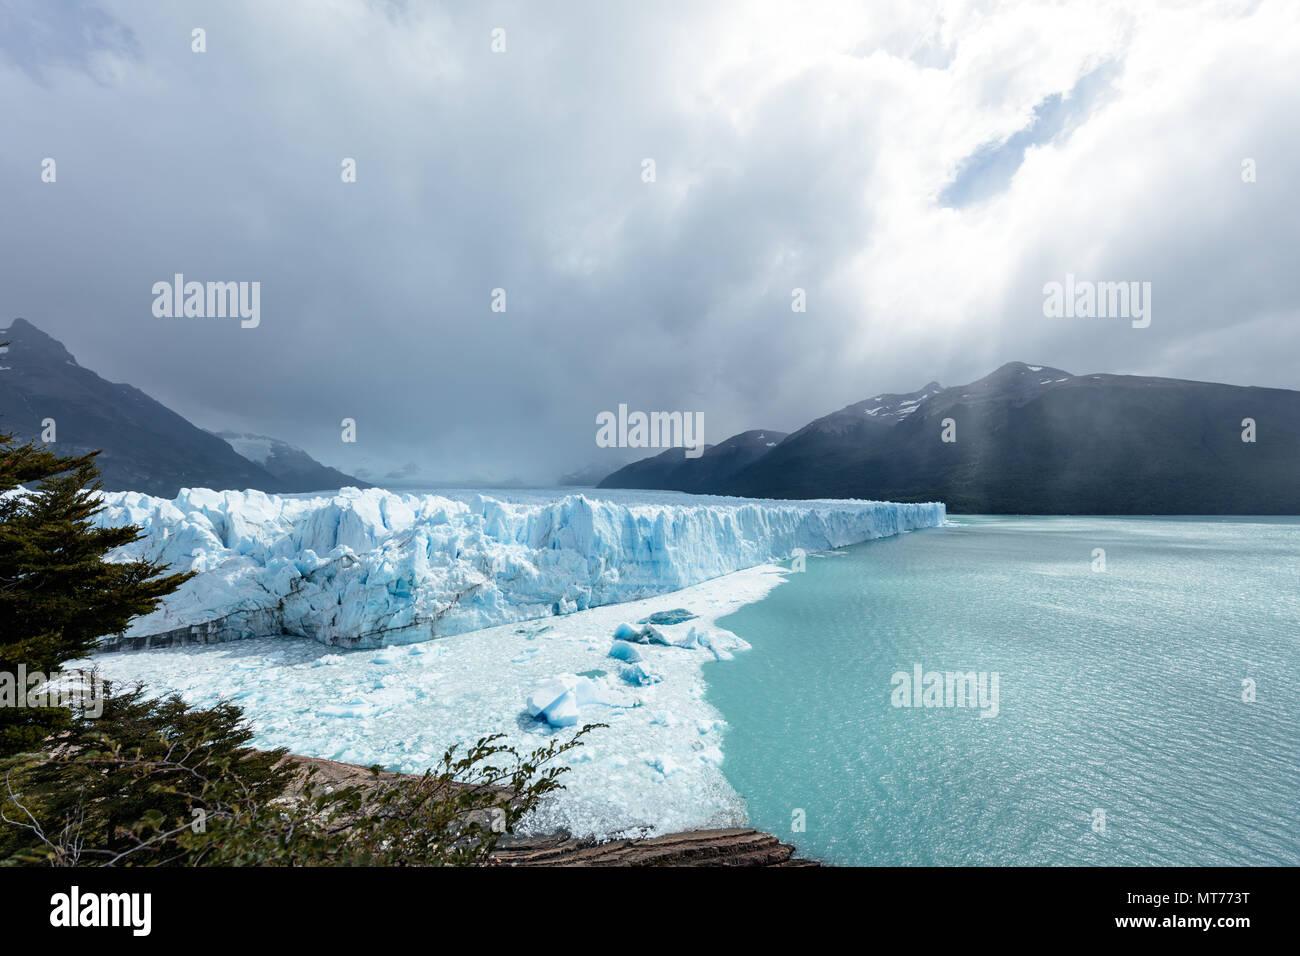 Die Treffpunkte von Eis, Fels und Wasser am Perito Moreno Gletscher, Argentinien Stockbild